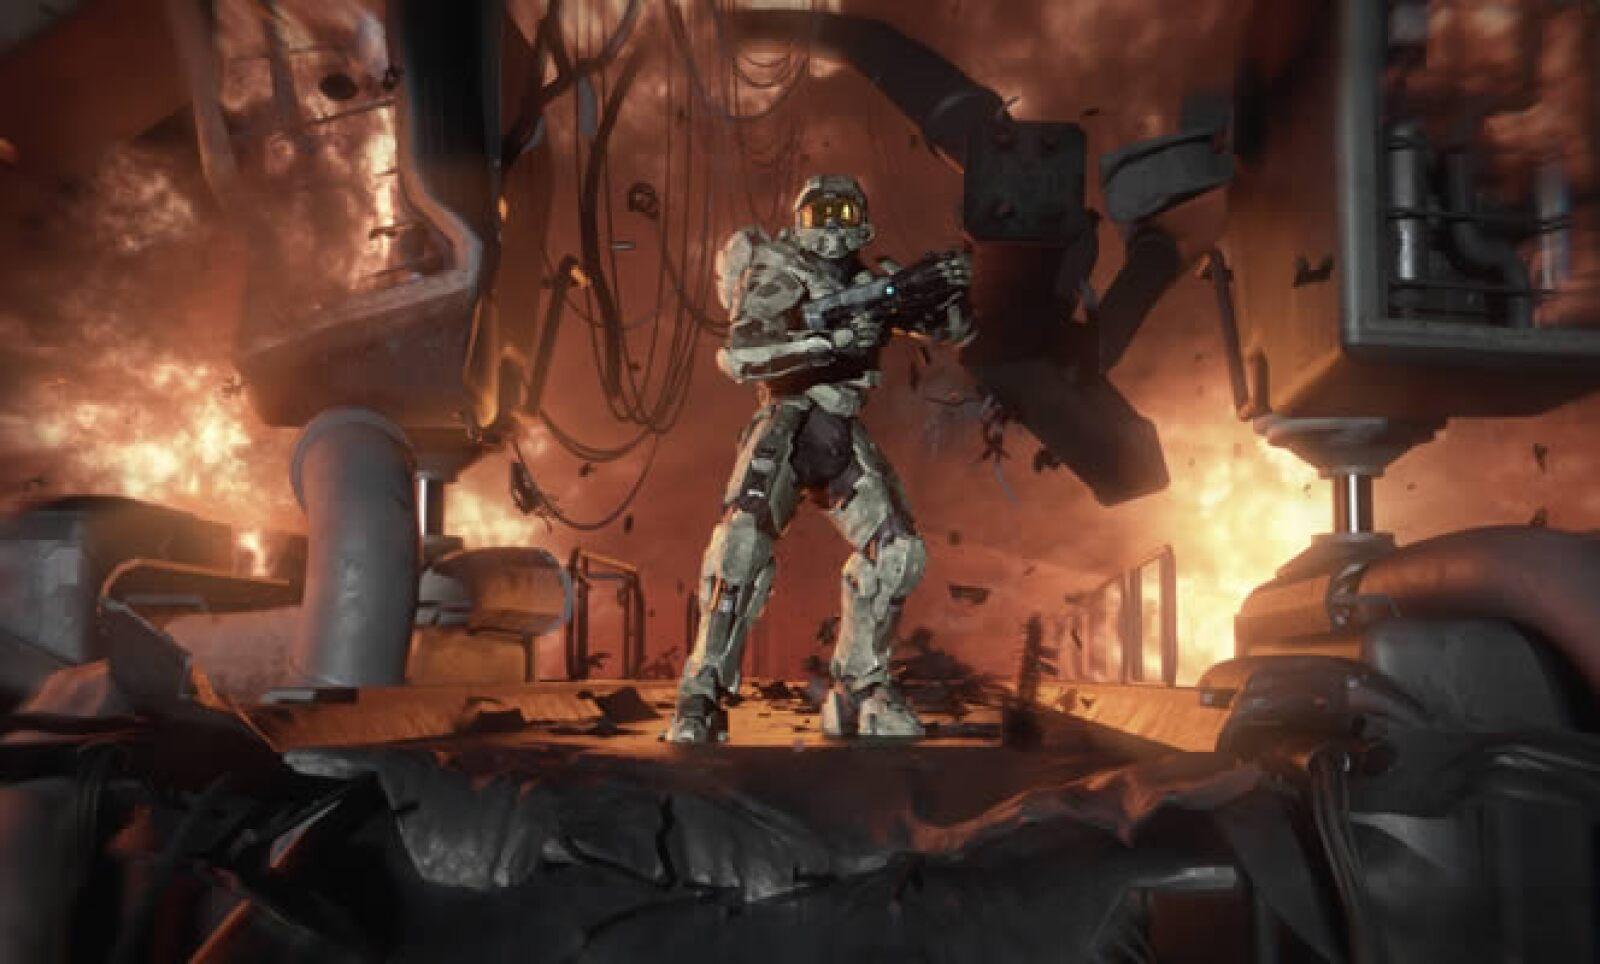 La primera 'máquina  de dinero' de Xbox retoma su camino, luego de haber prometido que la tercera versión sería la última. El protagonista, otra vez, es el Master Chief.